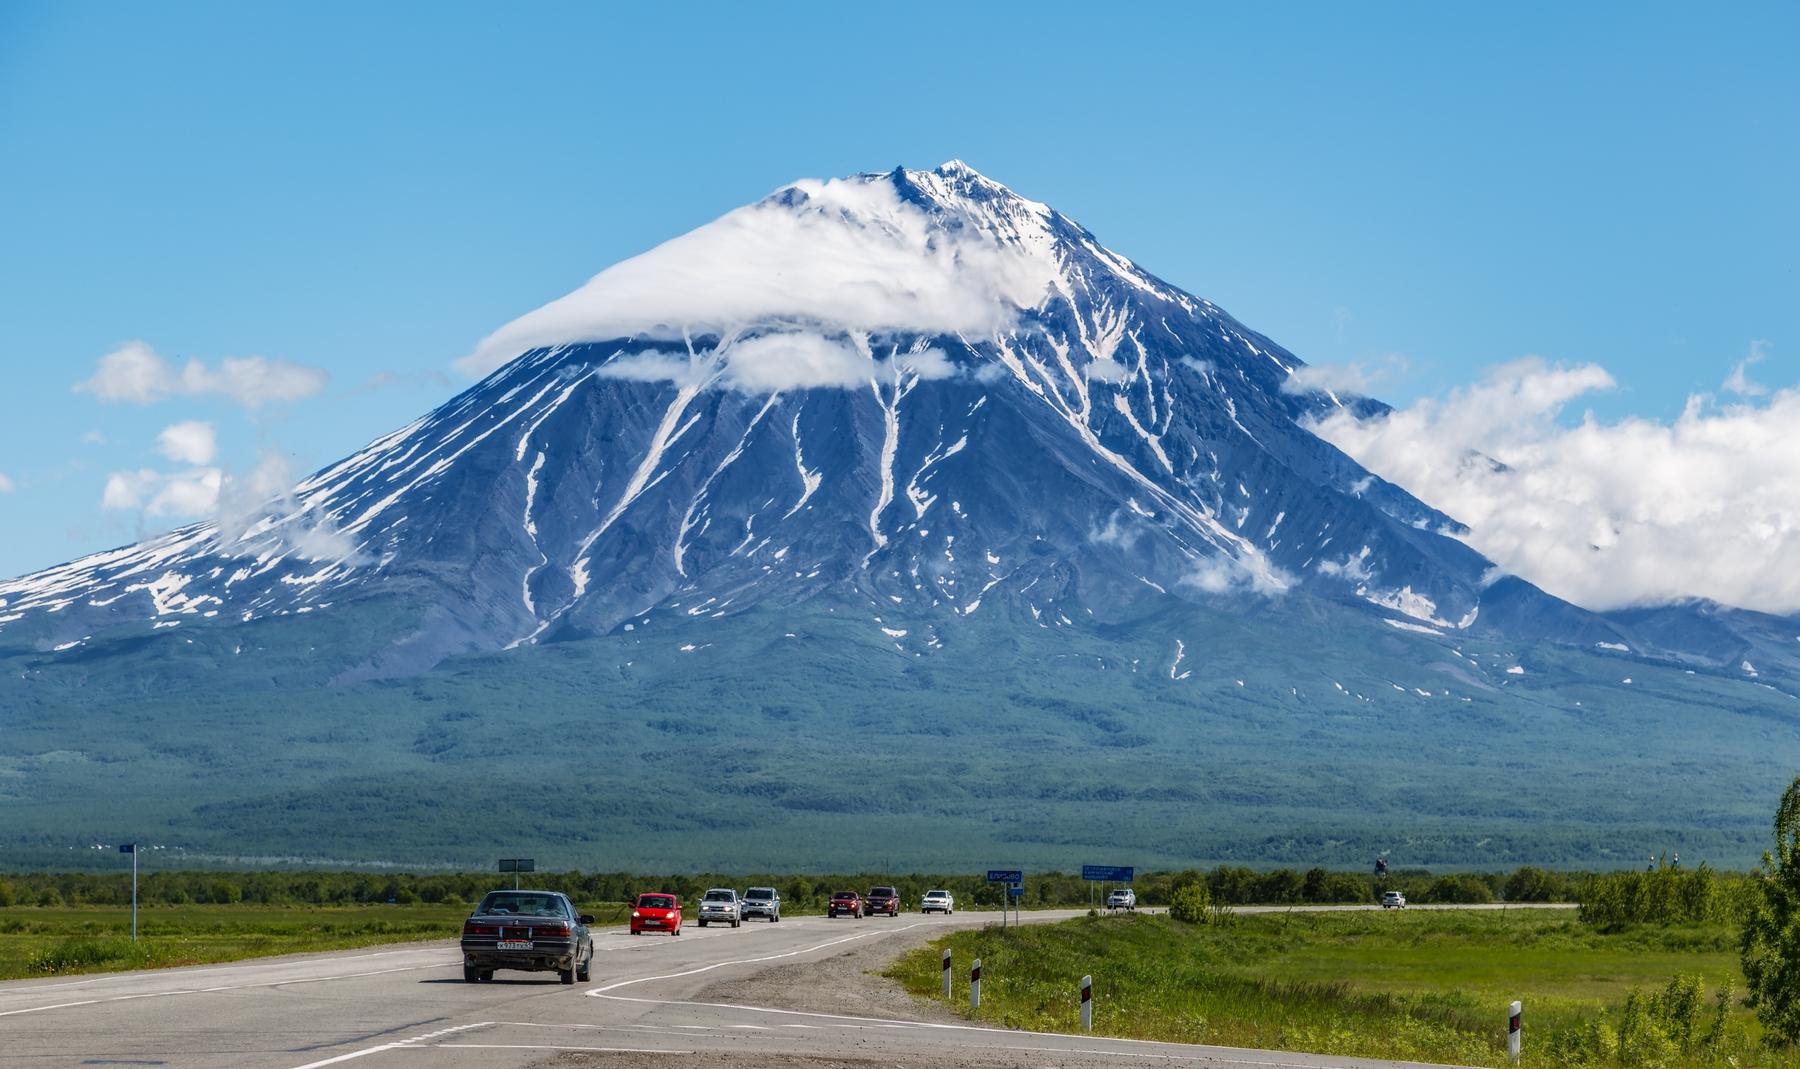 Природные достопримечательности Камчатки: вулкан Ключевской